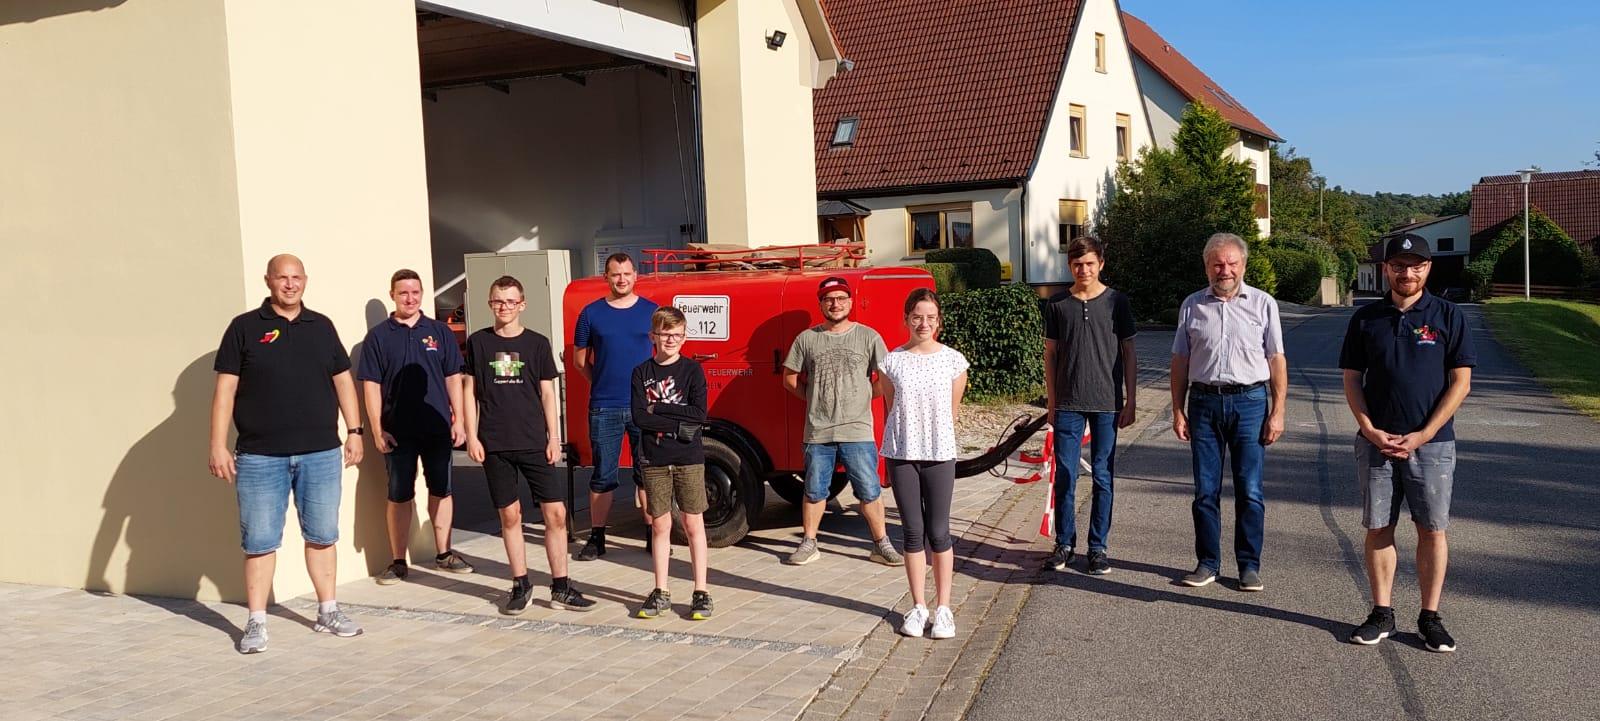 Gründung der Jugendfeuerwehr Bergtheim-Rockenbach